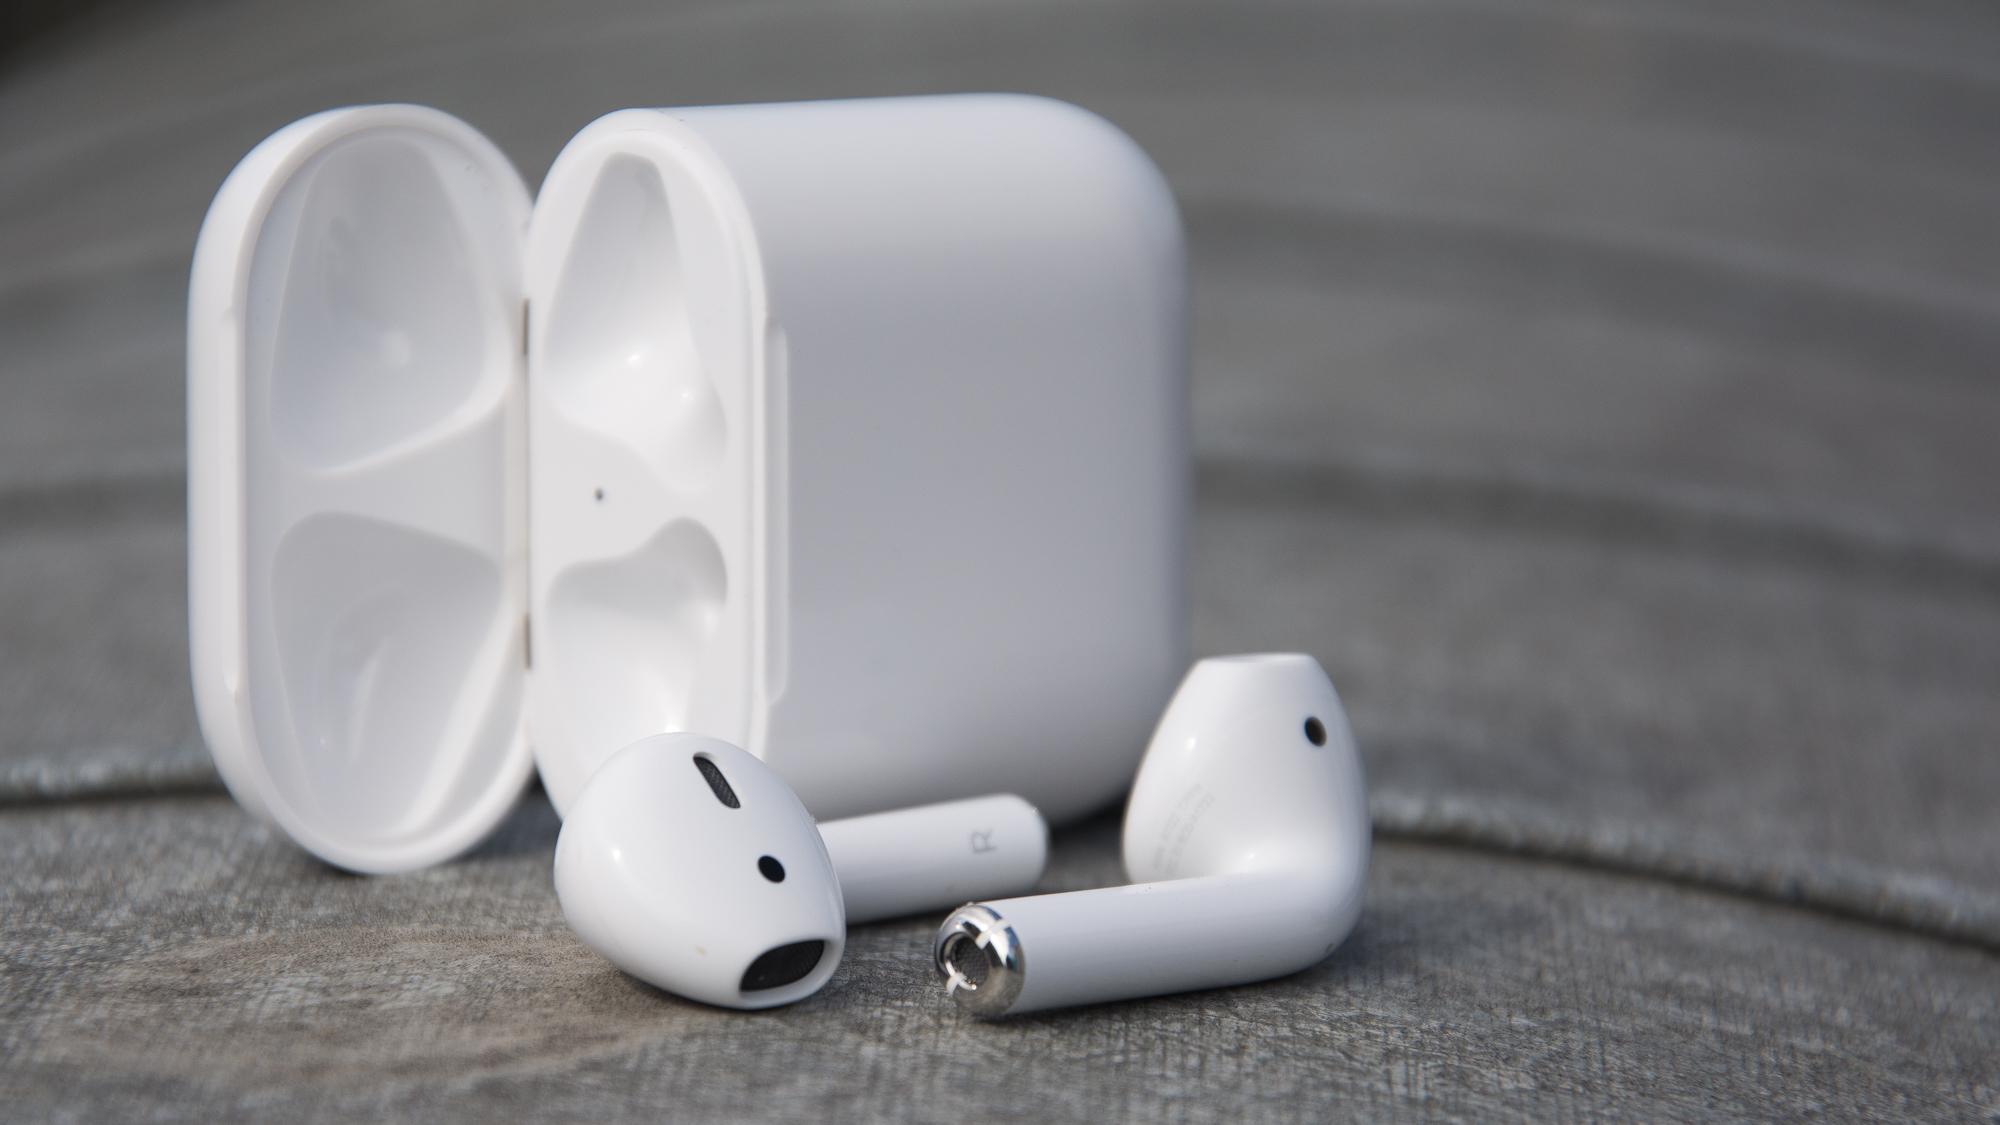 L'arrivée de nouveaux écouteurs AirPods se confirme